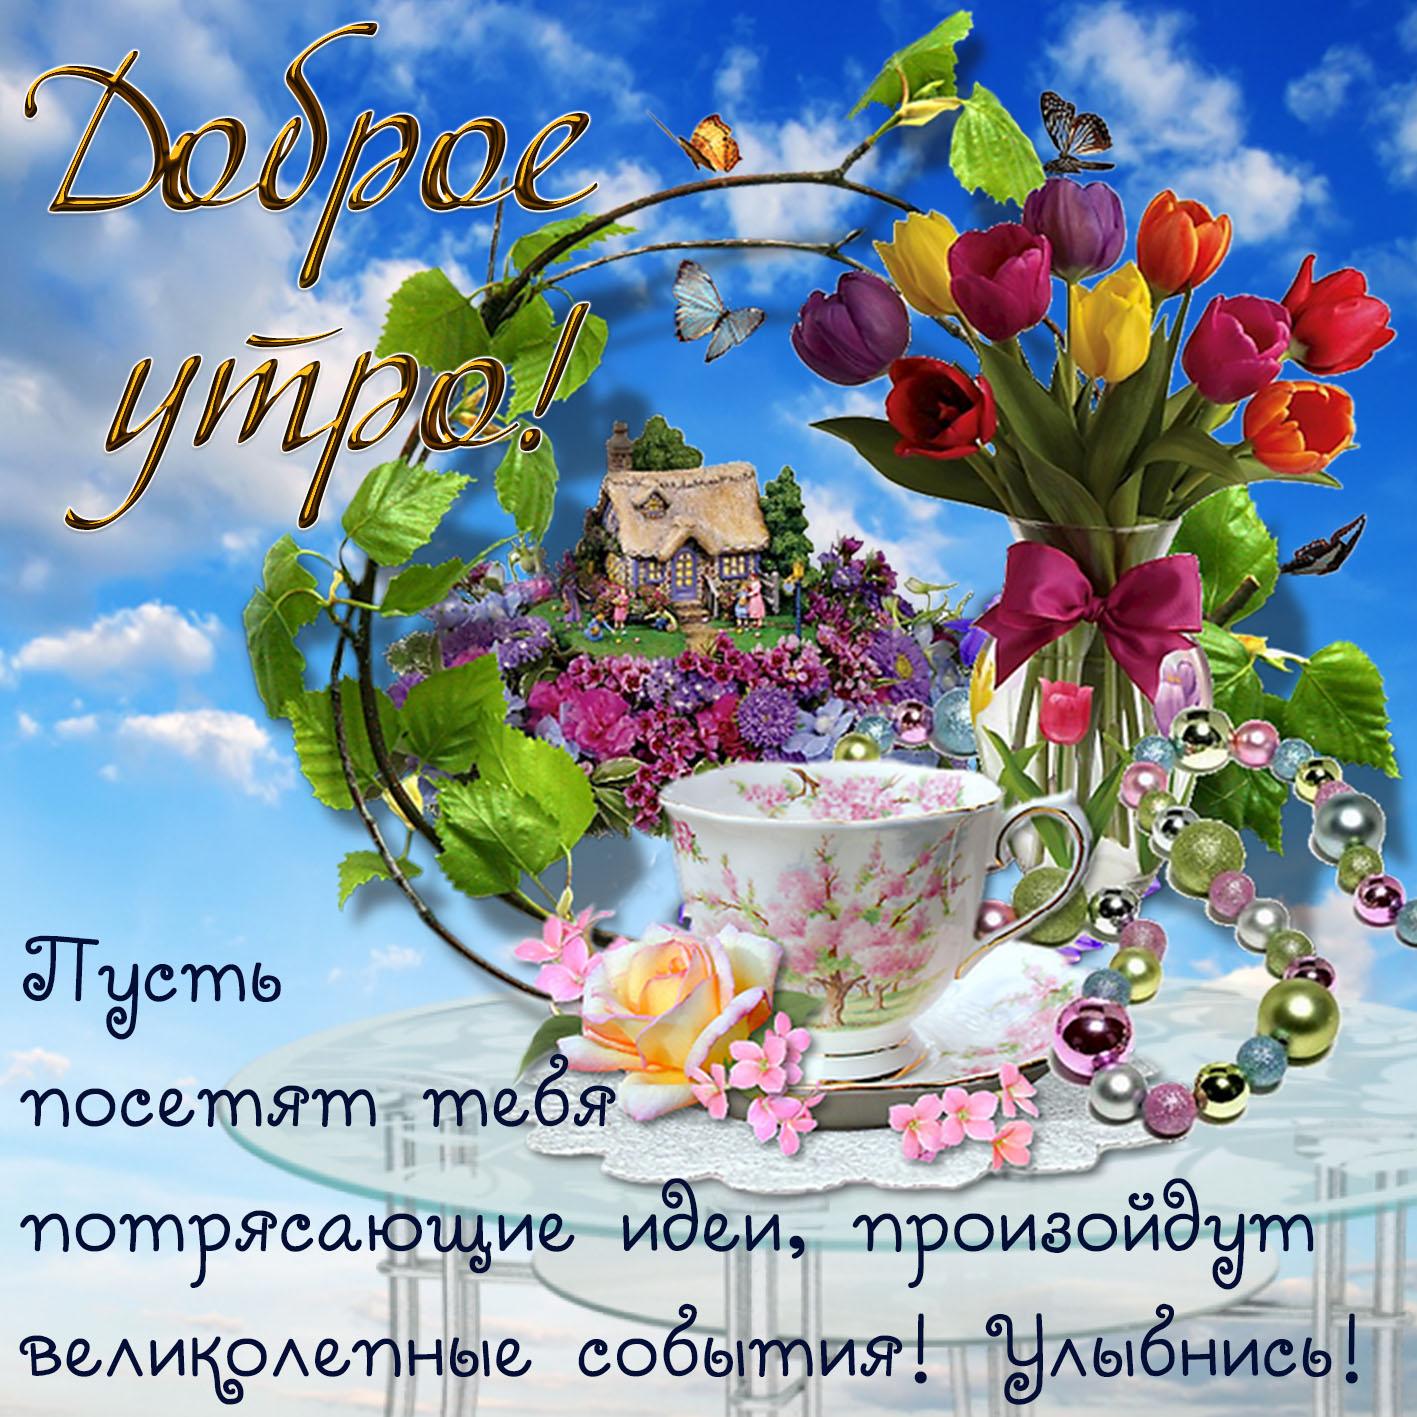 Поздравление с днем рождения простое и доброе утро мире